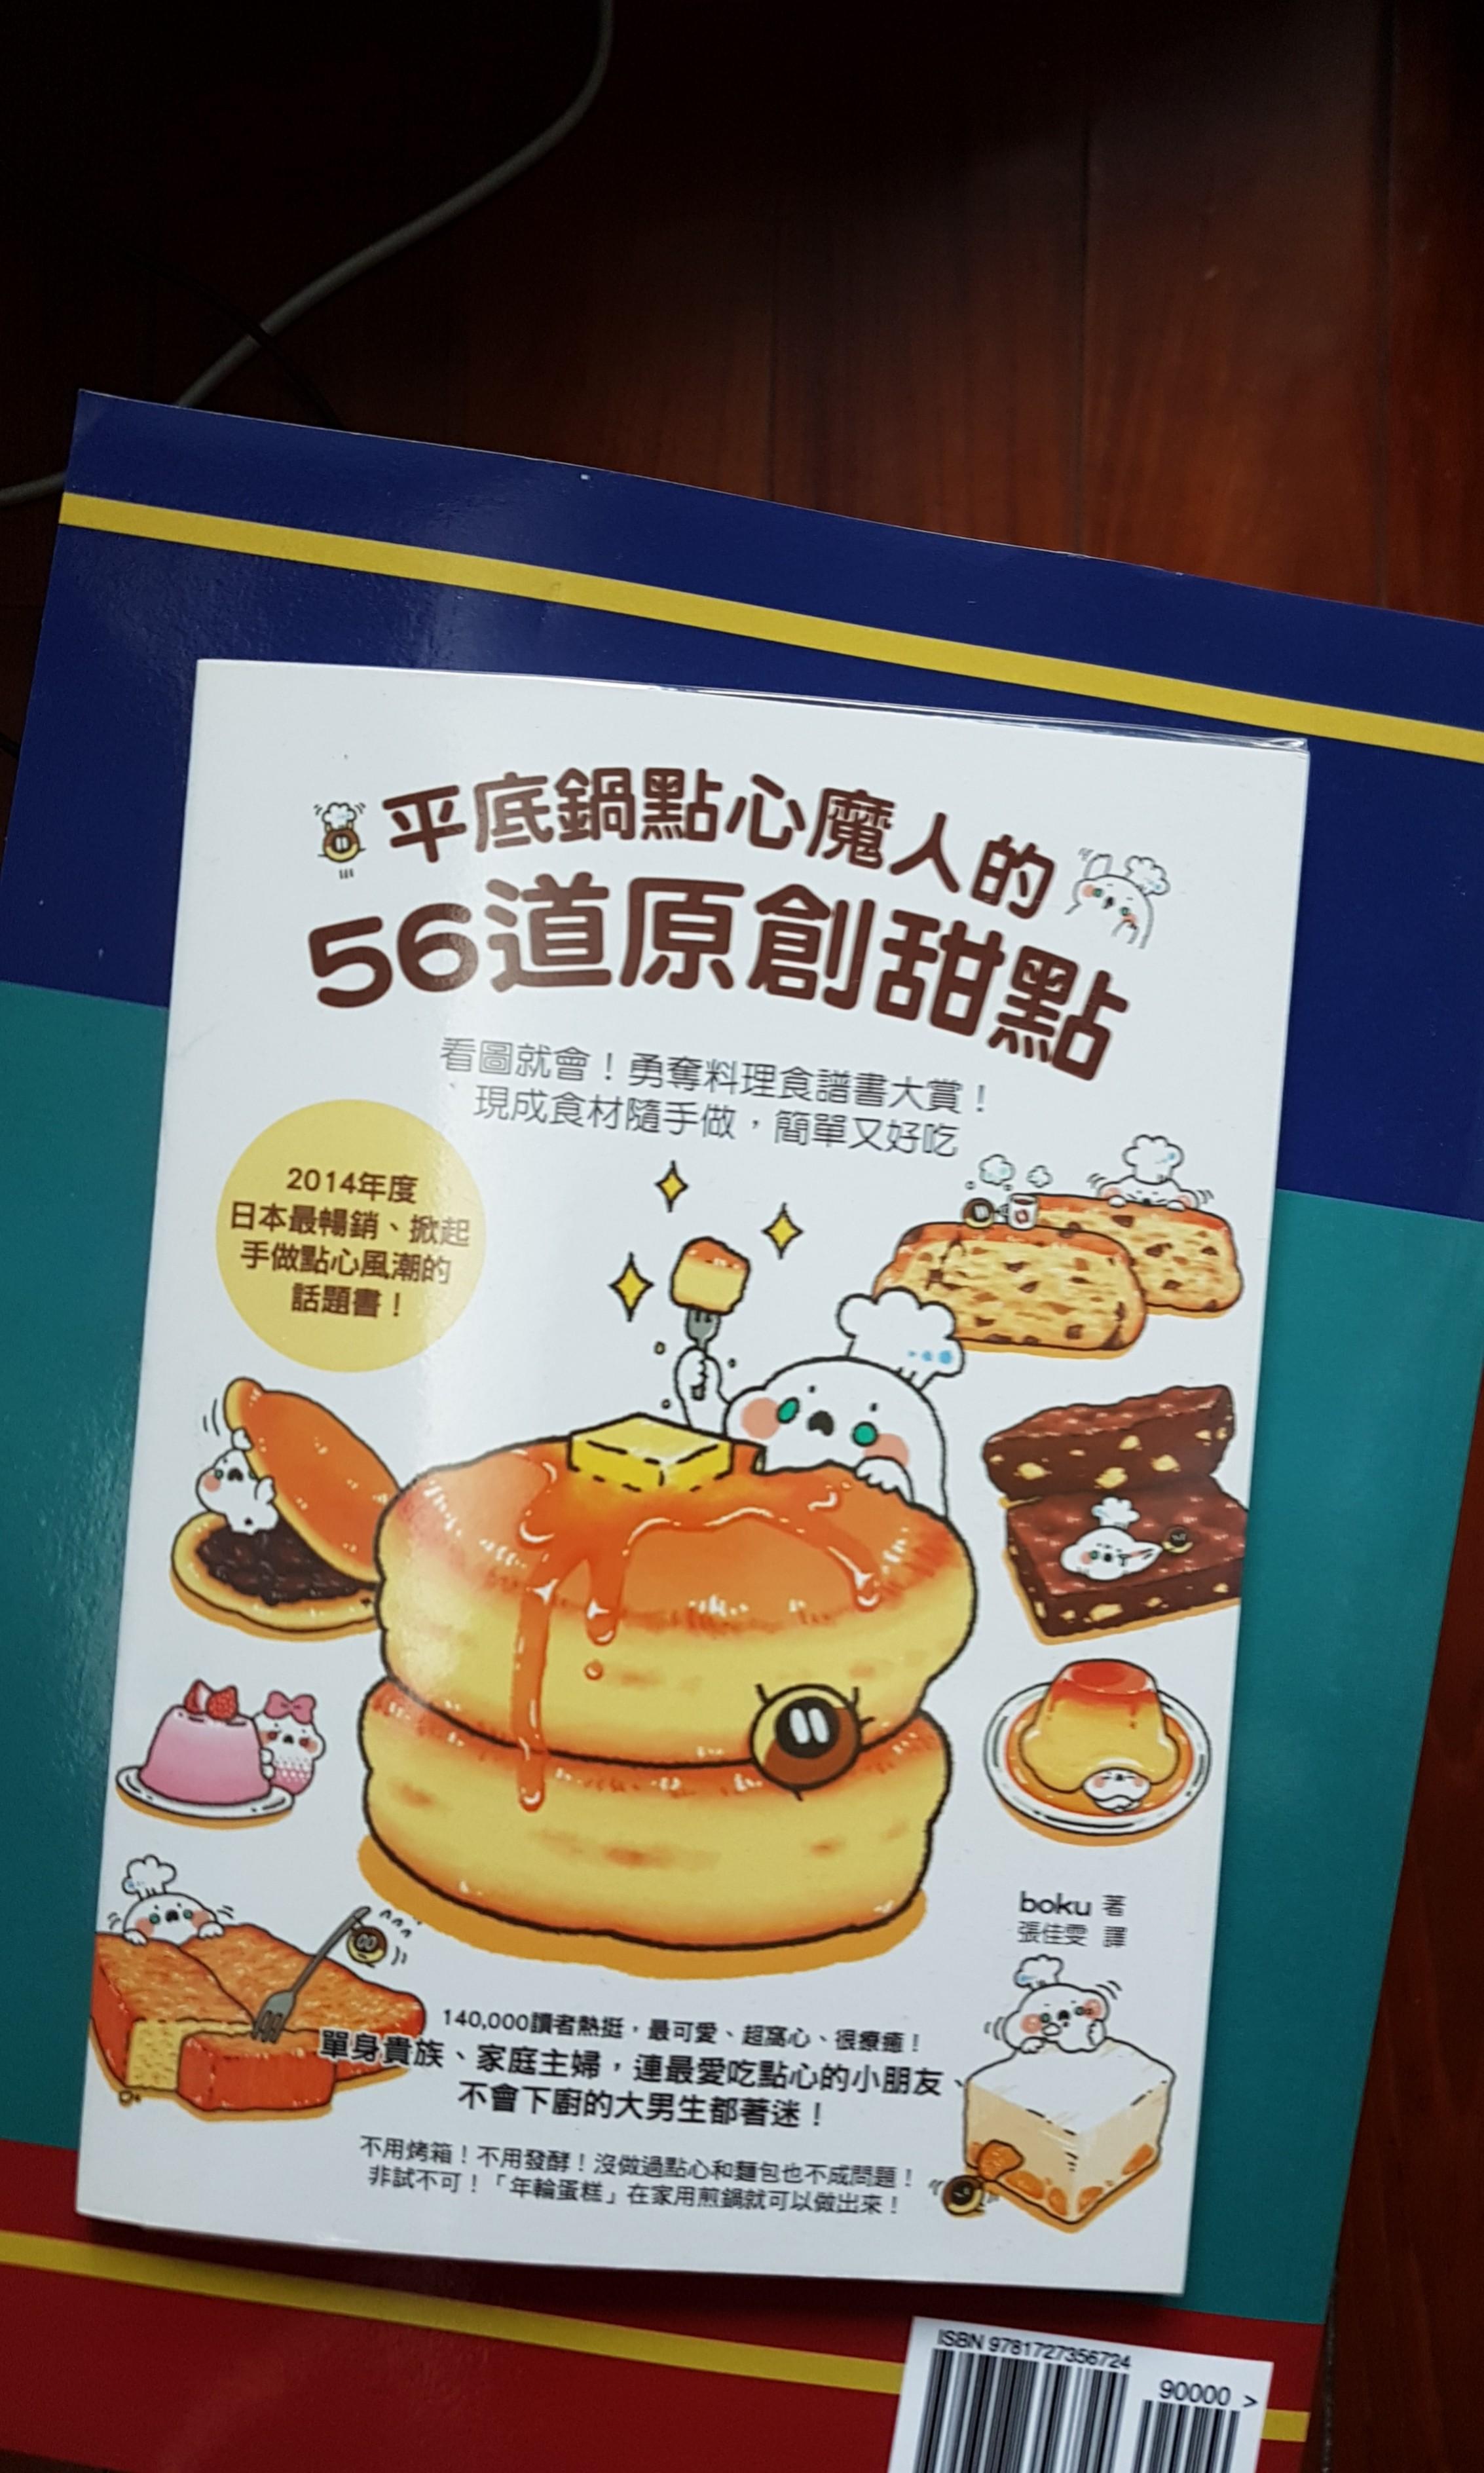 平底鍋點心 56道原創甜品 中文書二手書籍